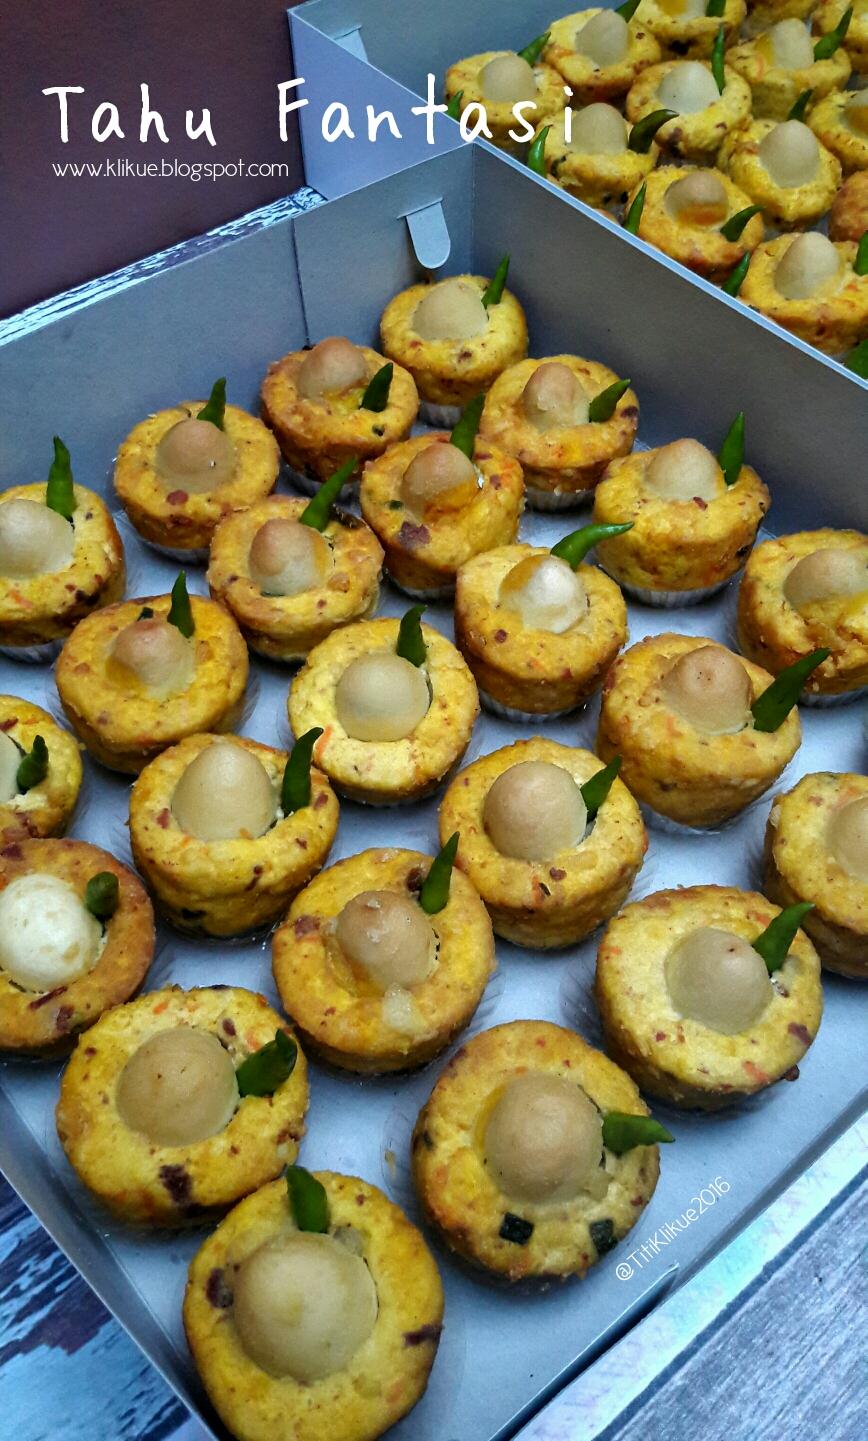 Tahu Telur Puyuh : telur, puyuh, KLIKUE, Balikpapan, Cakes, Puddings, Online, Shop:, Fantasi, Telur, Puyuh